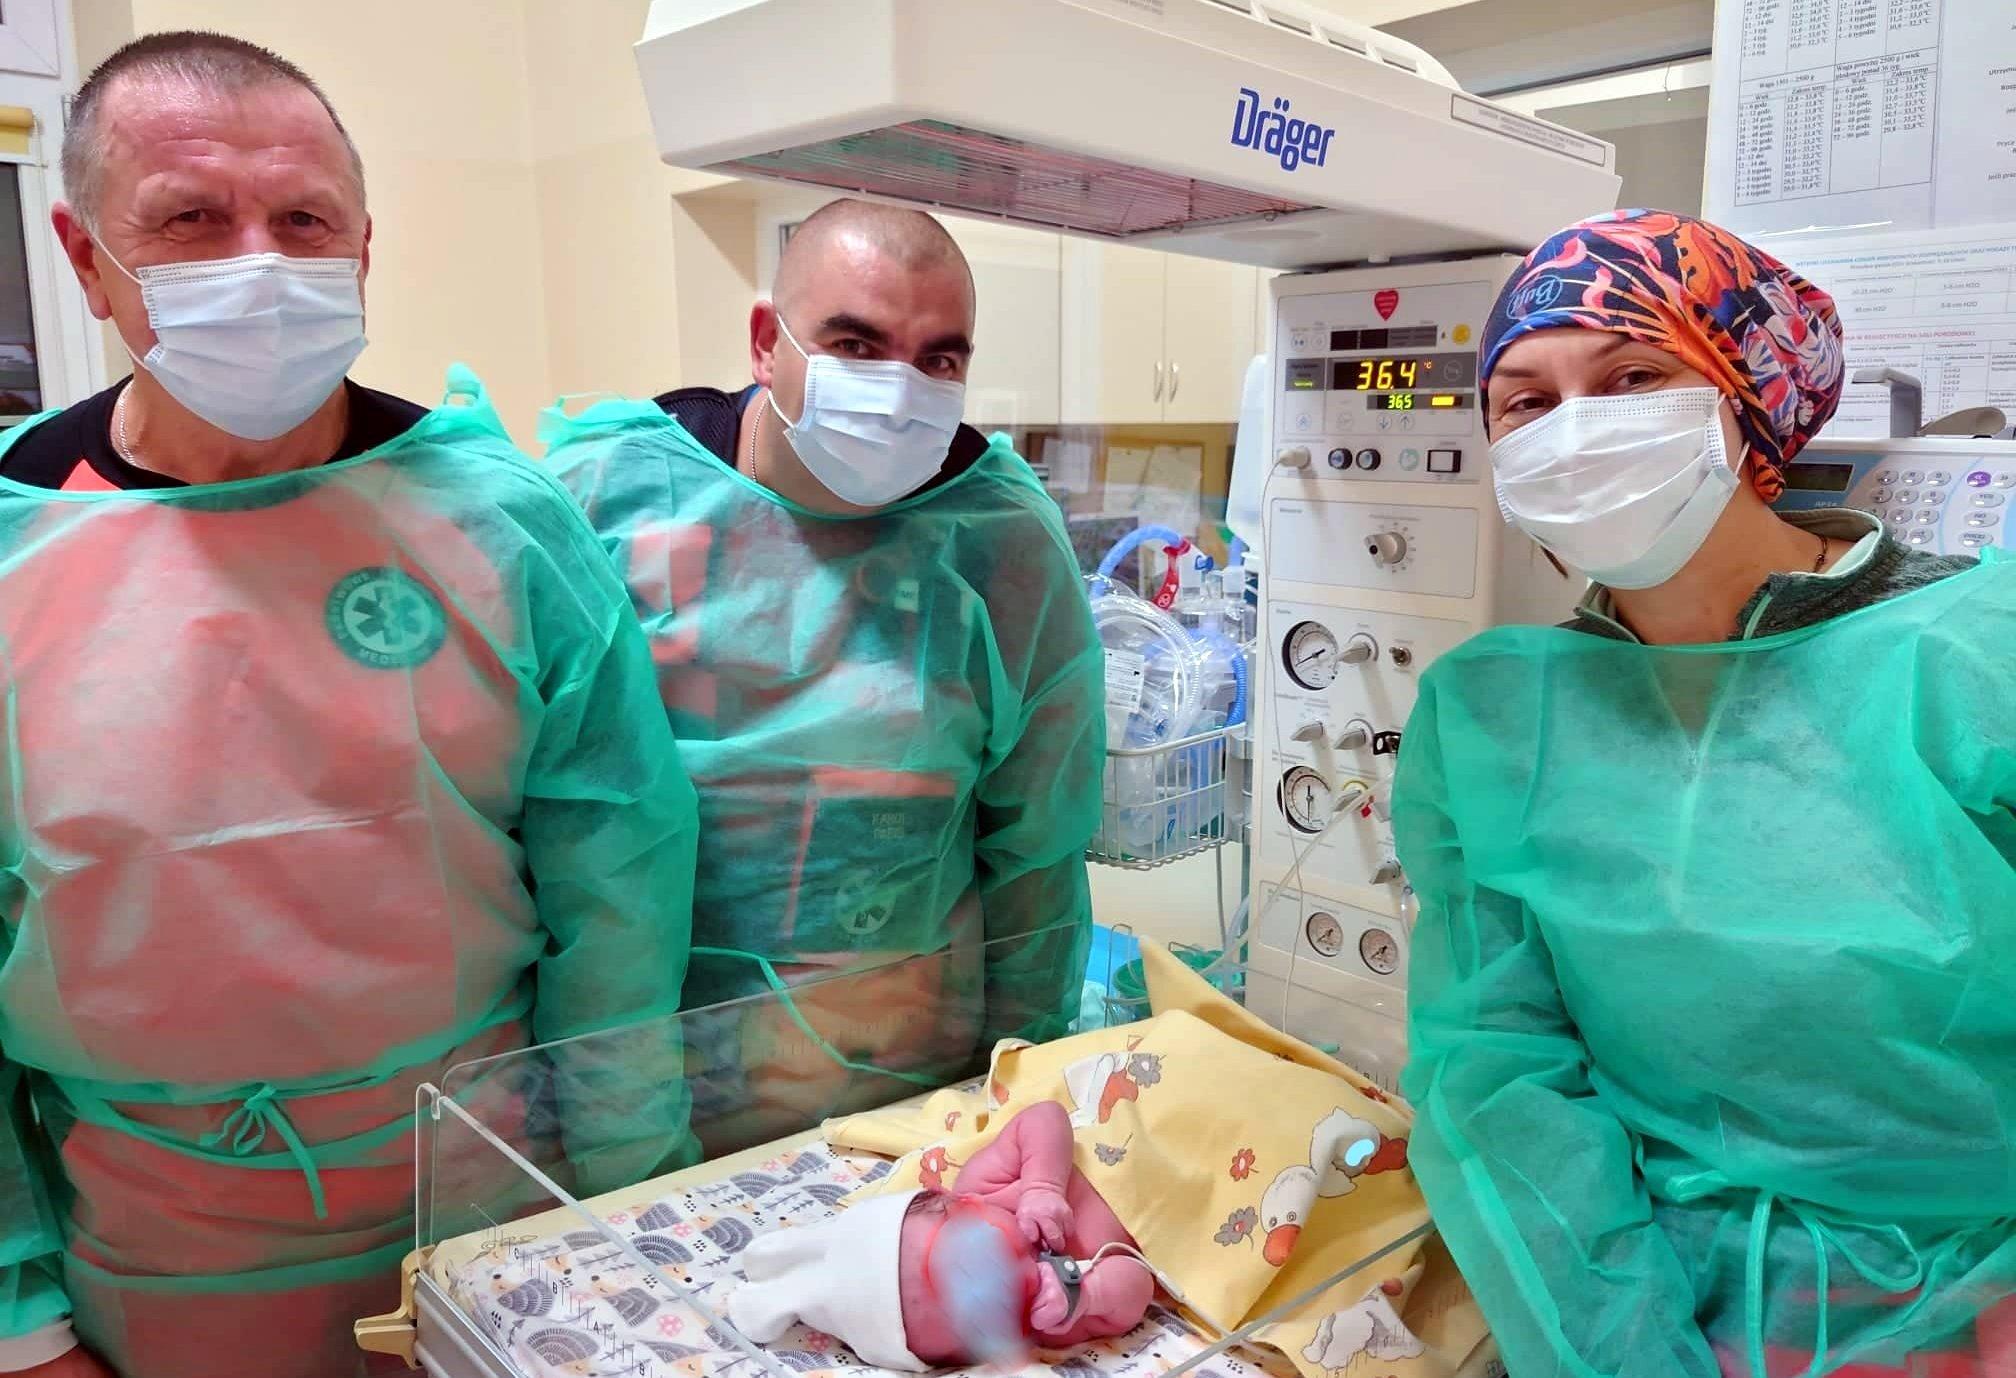 Załoga karetki przyjęła poród w drodze do szpitala  - Zdjęcie główne